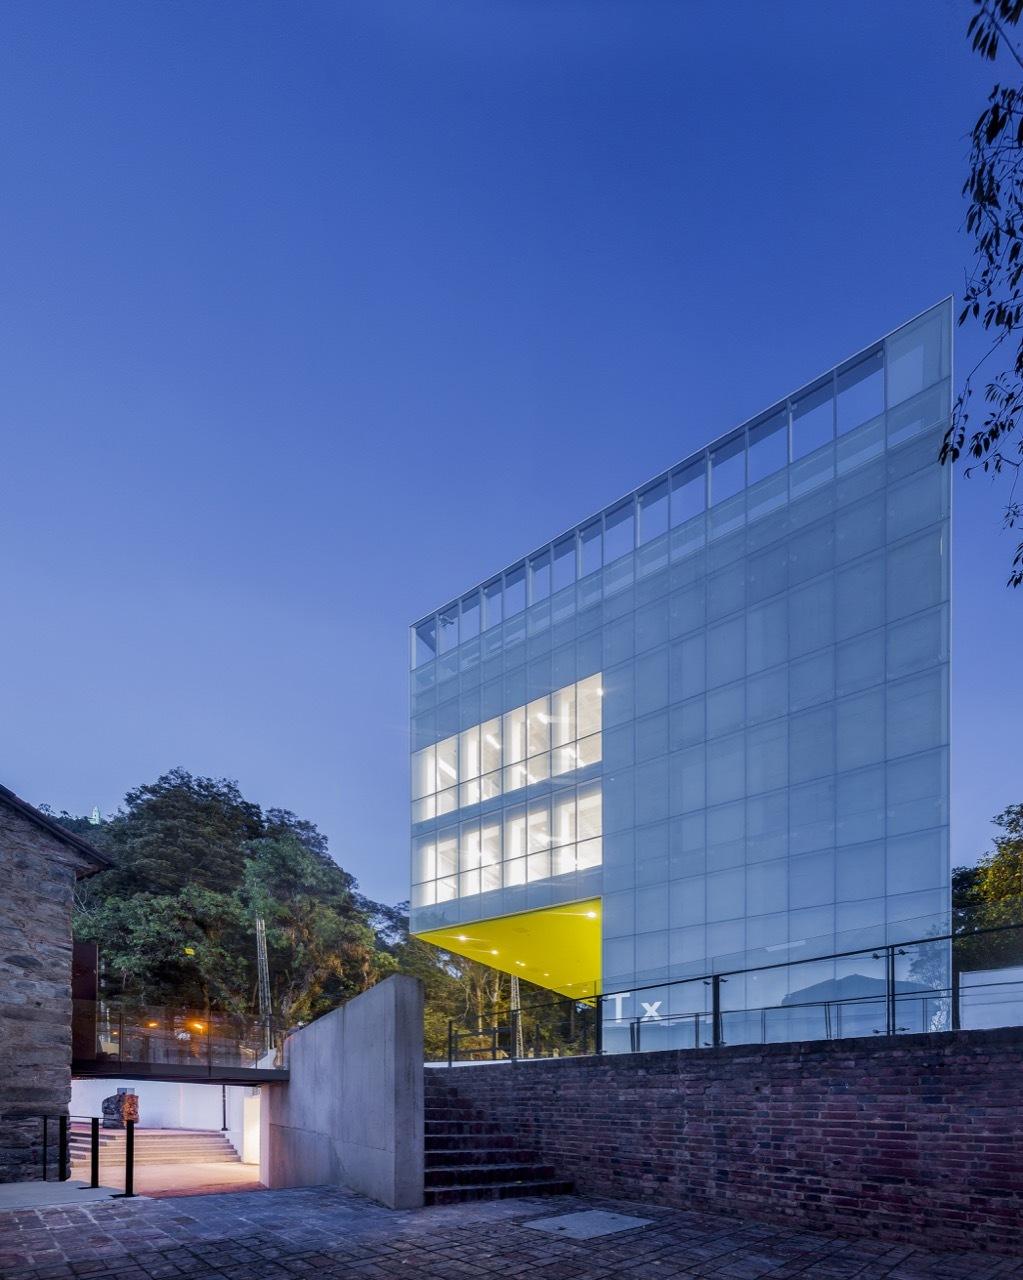 Edificio Tx Mgp Arquitectura Y Urbanismo Plataforma